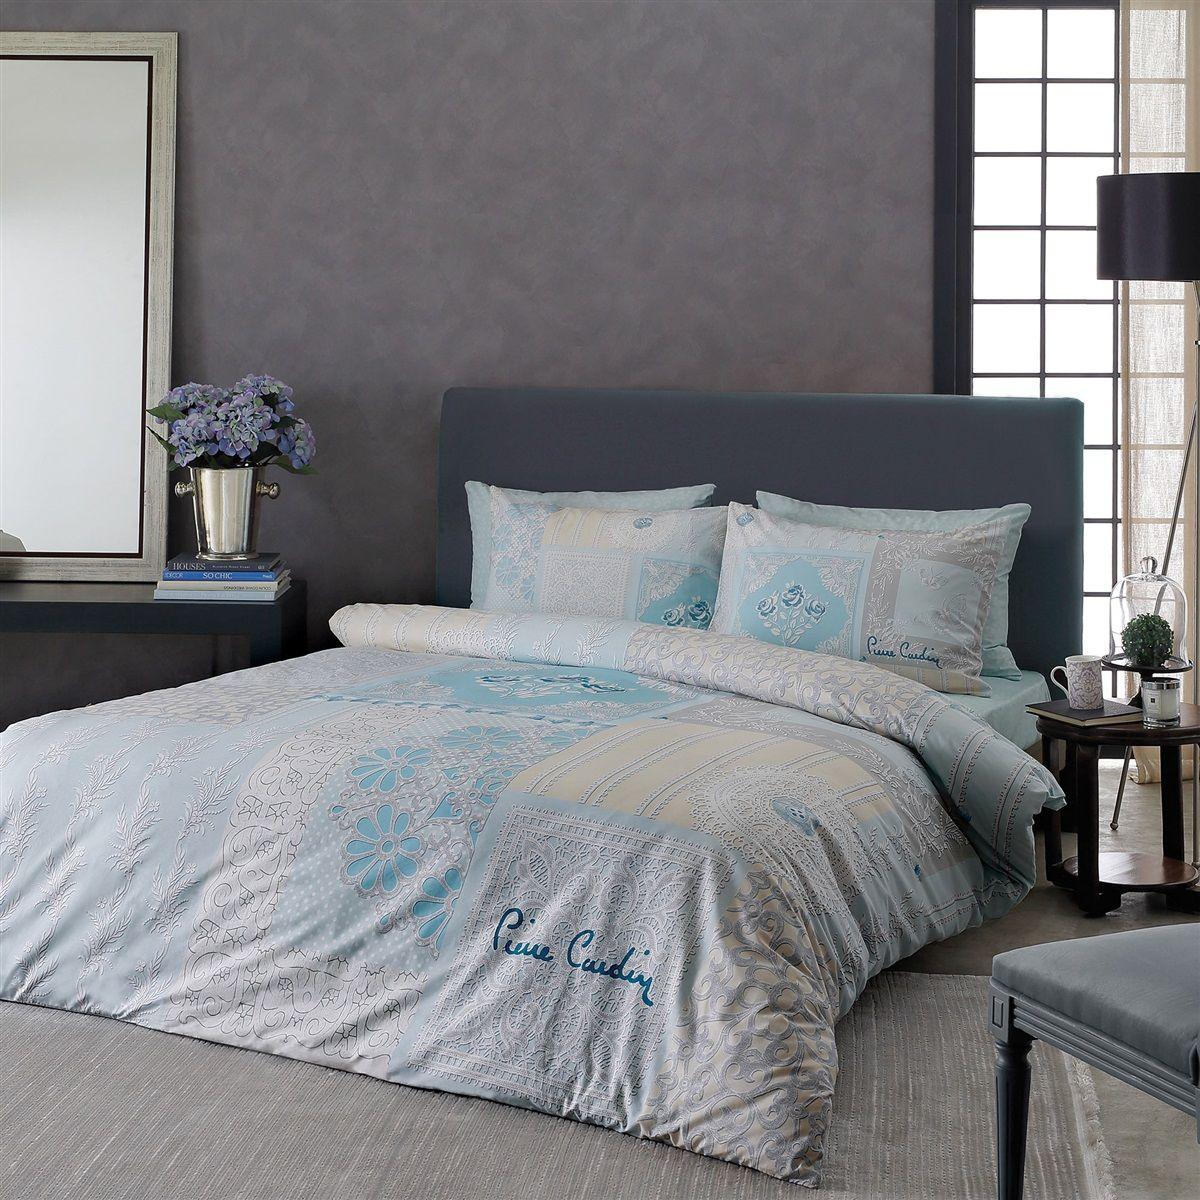 Elegant Full Comforter Set By Pierre Cardin With Aqua Damask Theme Full Comforter Sets Comforter Sets Bedroom Decor